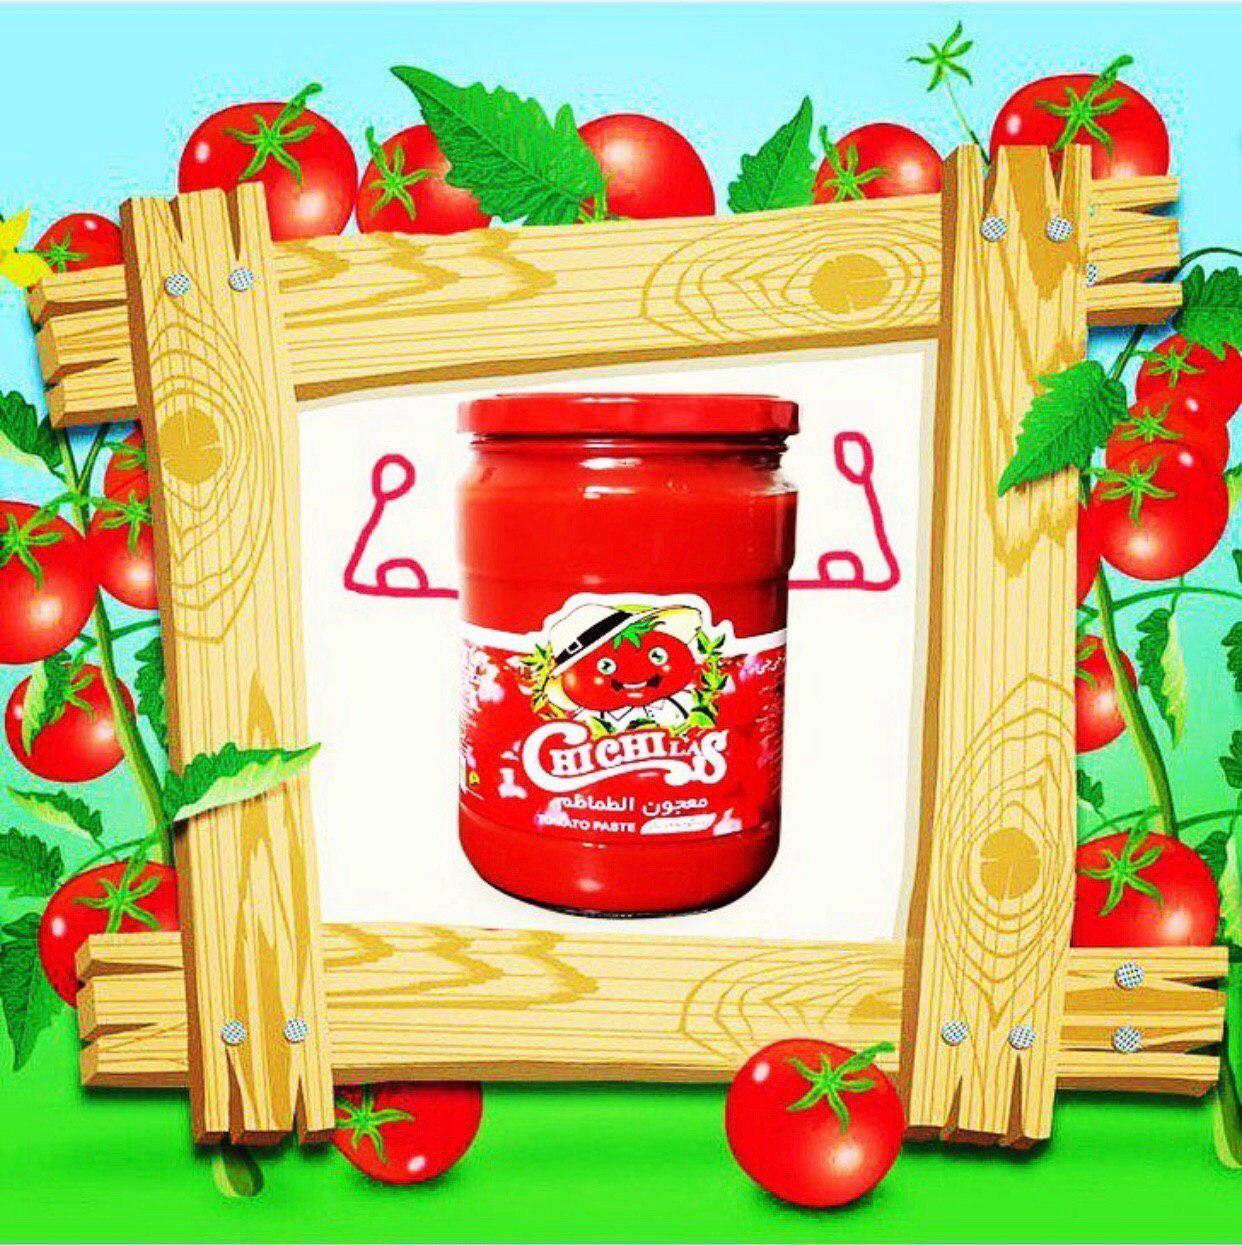 تولید کننده رب گوجه فرنگی شیشه ای